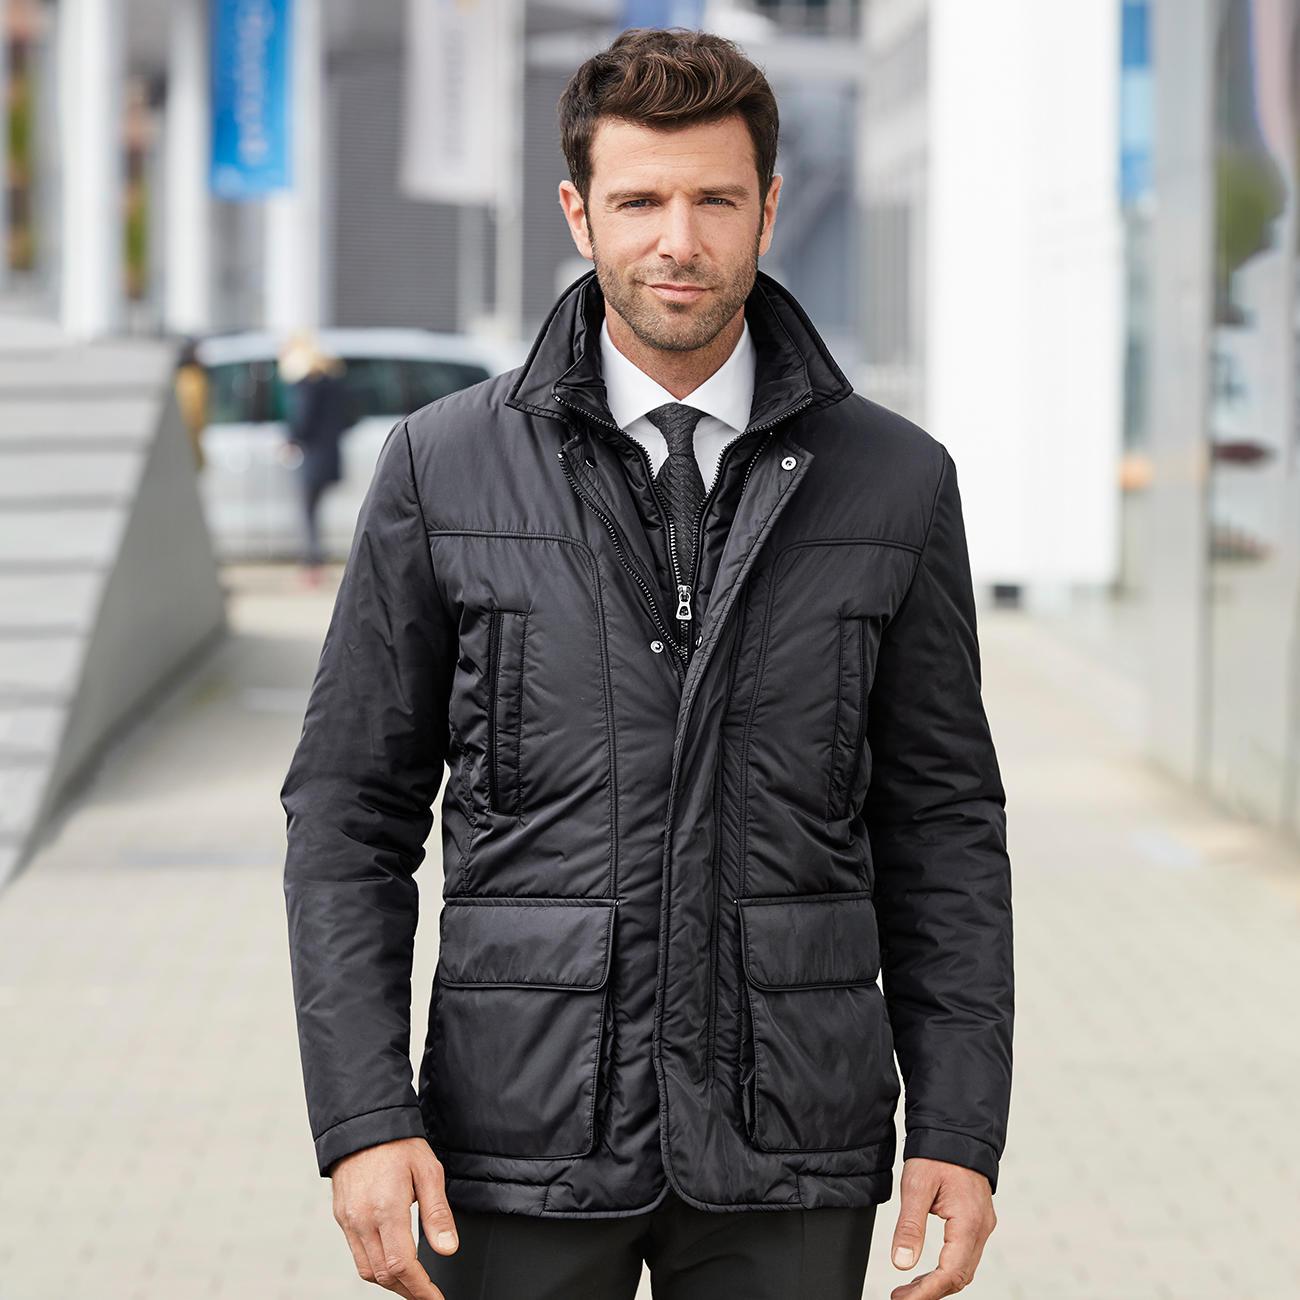 Kauf authentisch heiß-verkauf freiheit Für Original auswählen Geox Functional Men's Jacket | Discover classics